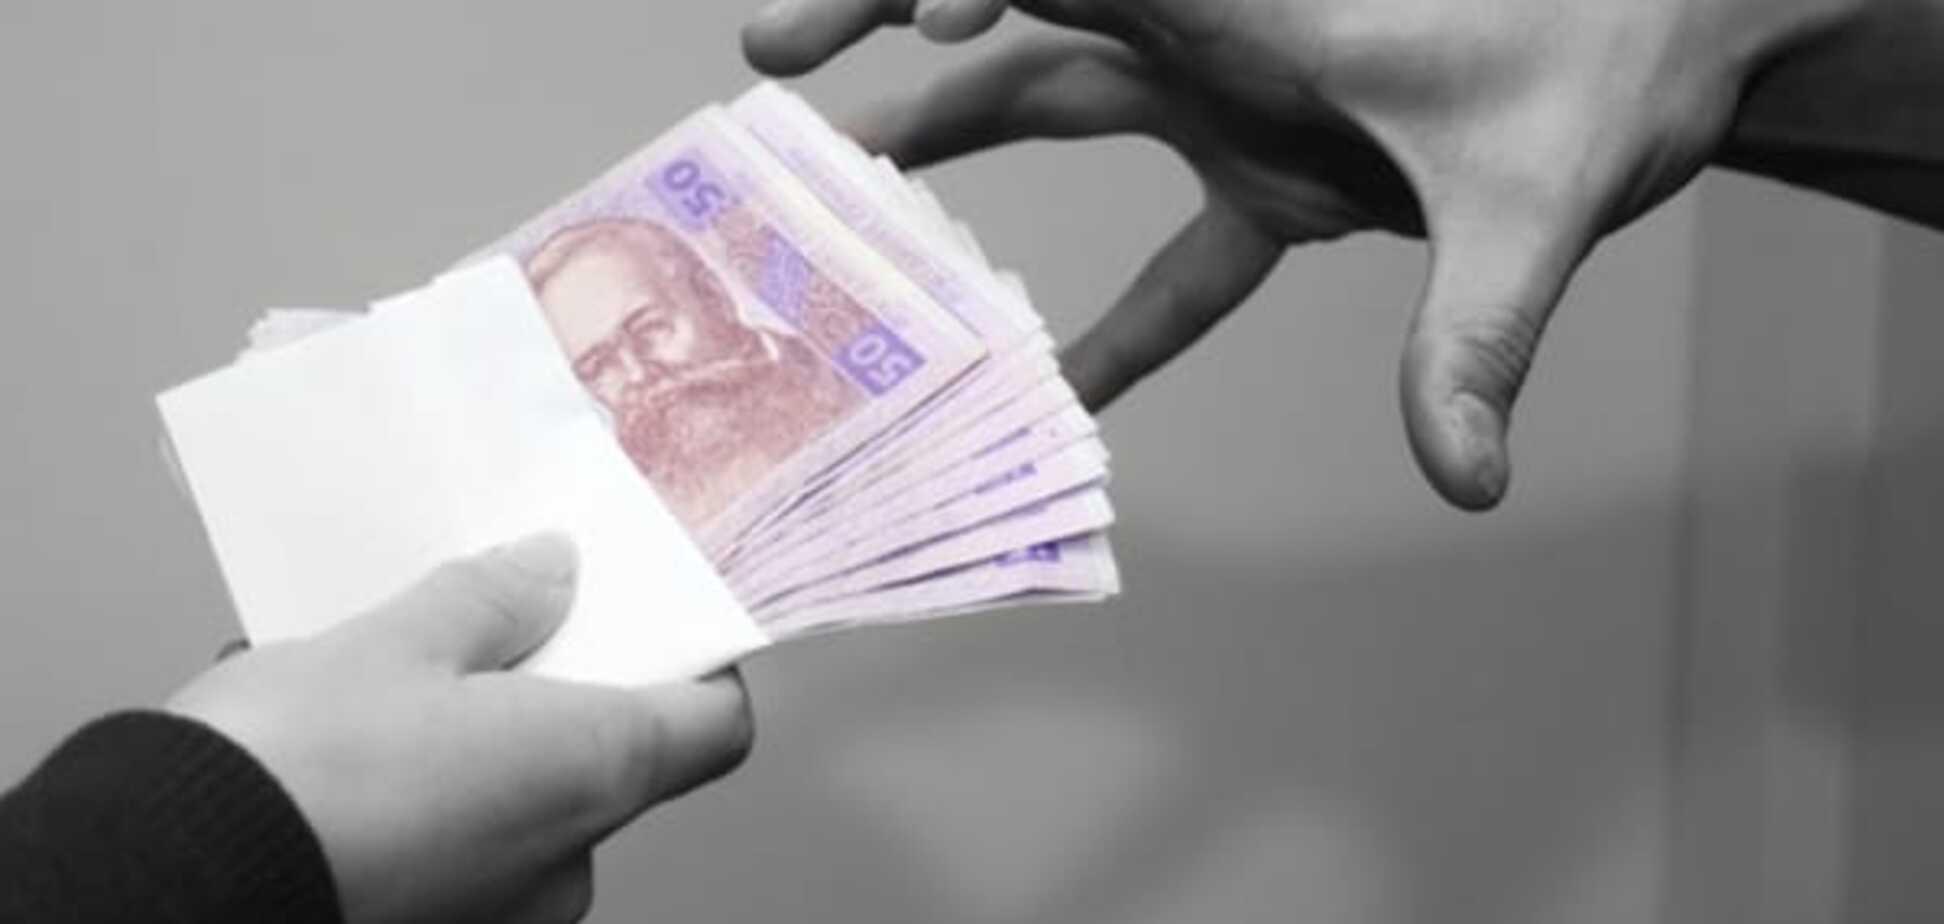 Вибори в Миколаєві: у глави дільничкому вилучили пакет з 30 тис. грн